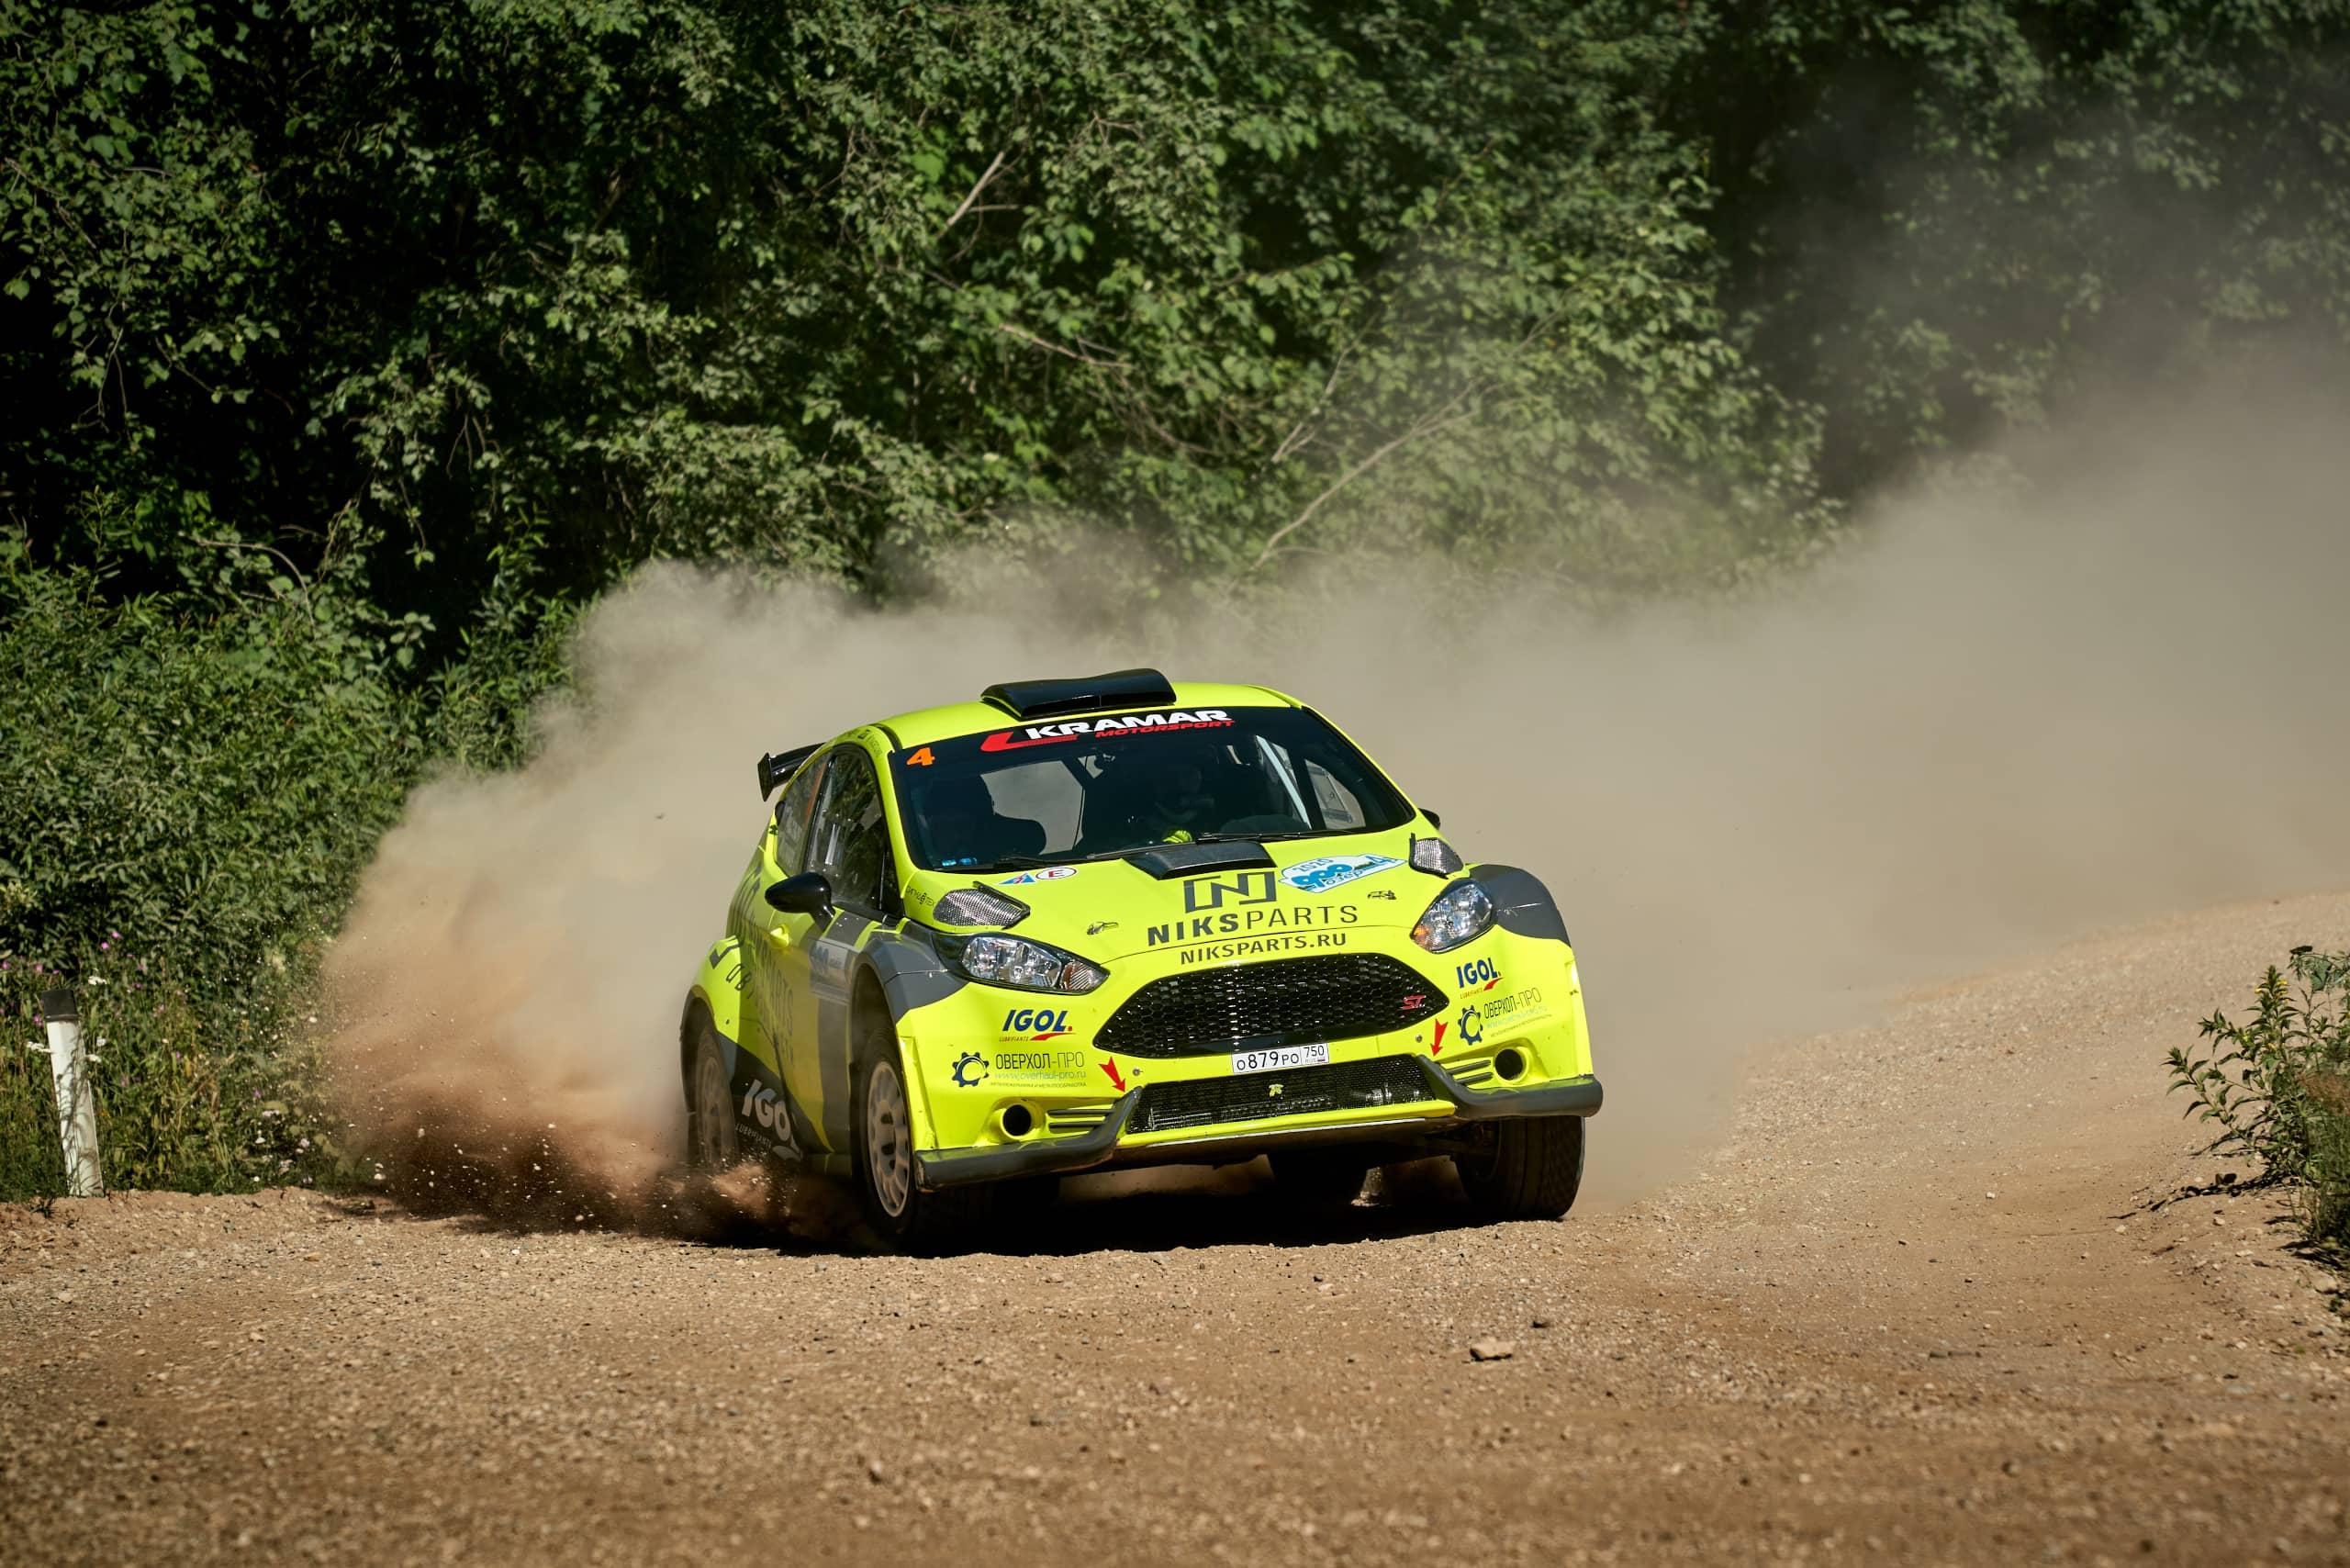 Сервис спортивной команды Kramar Motorsport. Ремонт и обслуживание автомобилей Subaru